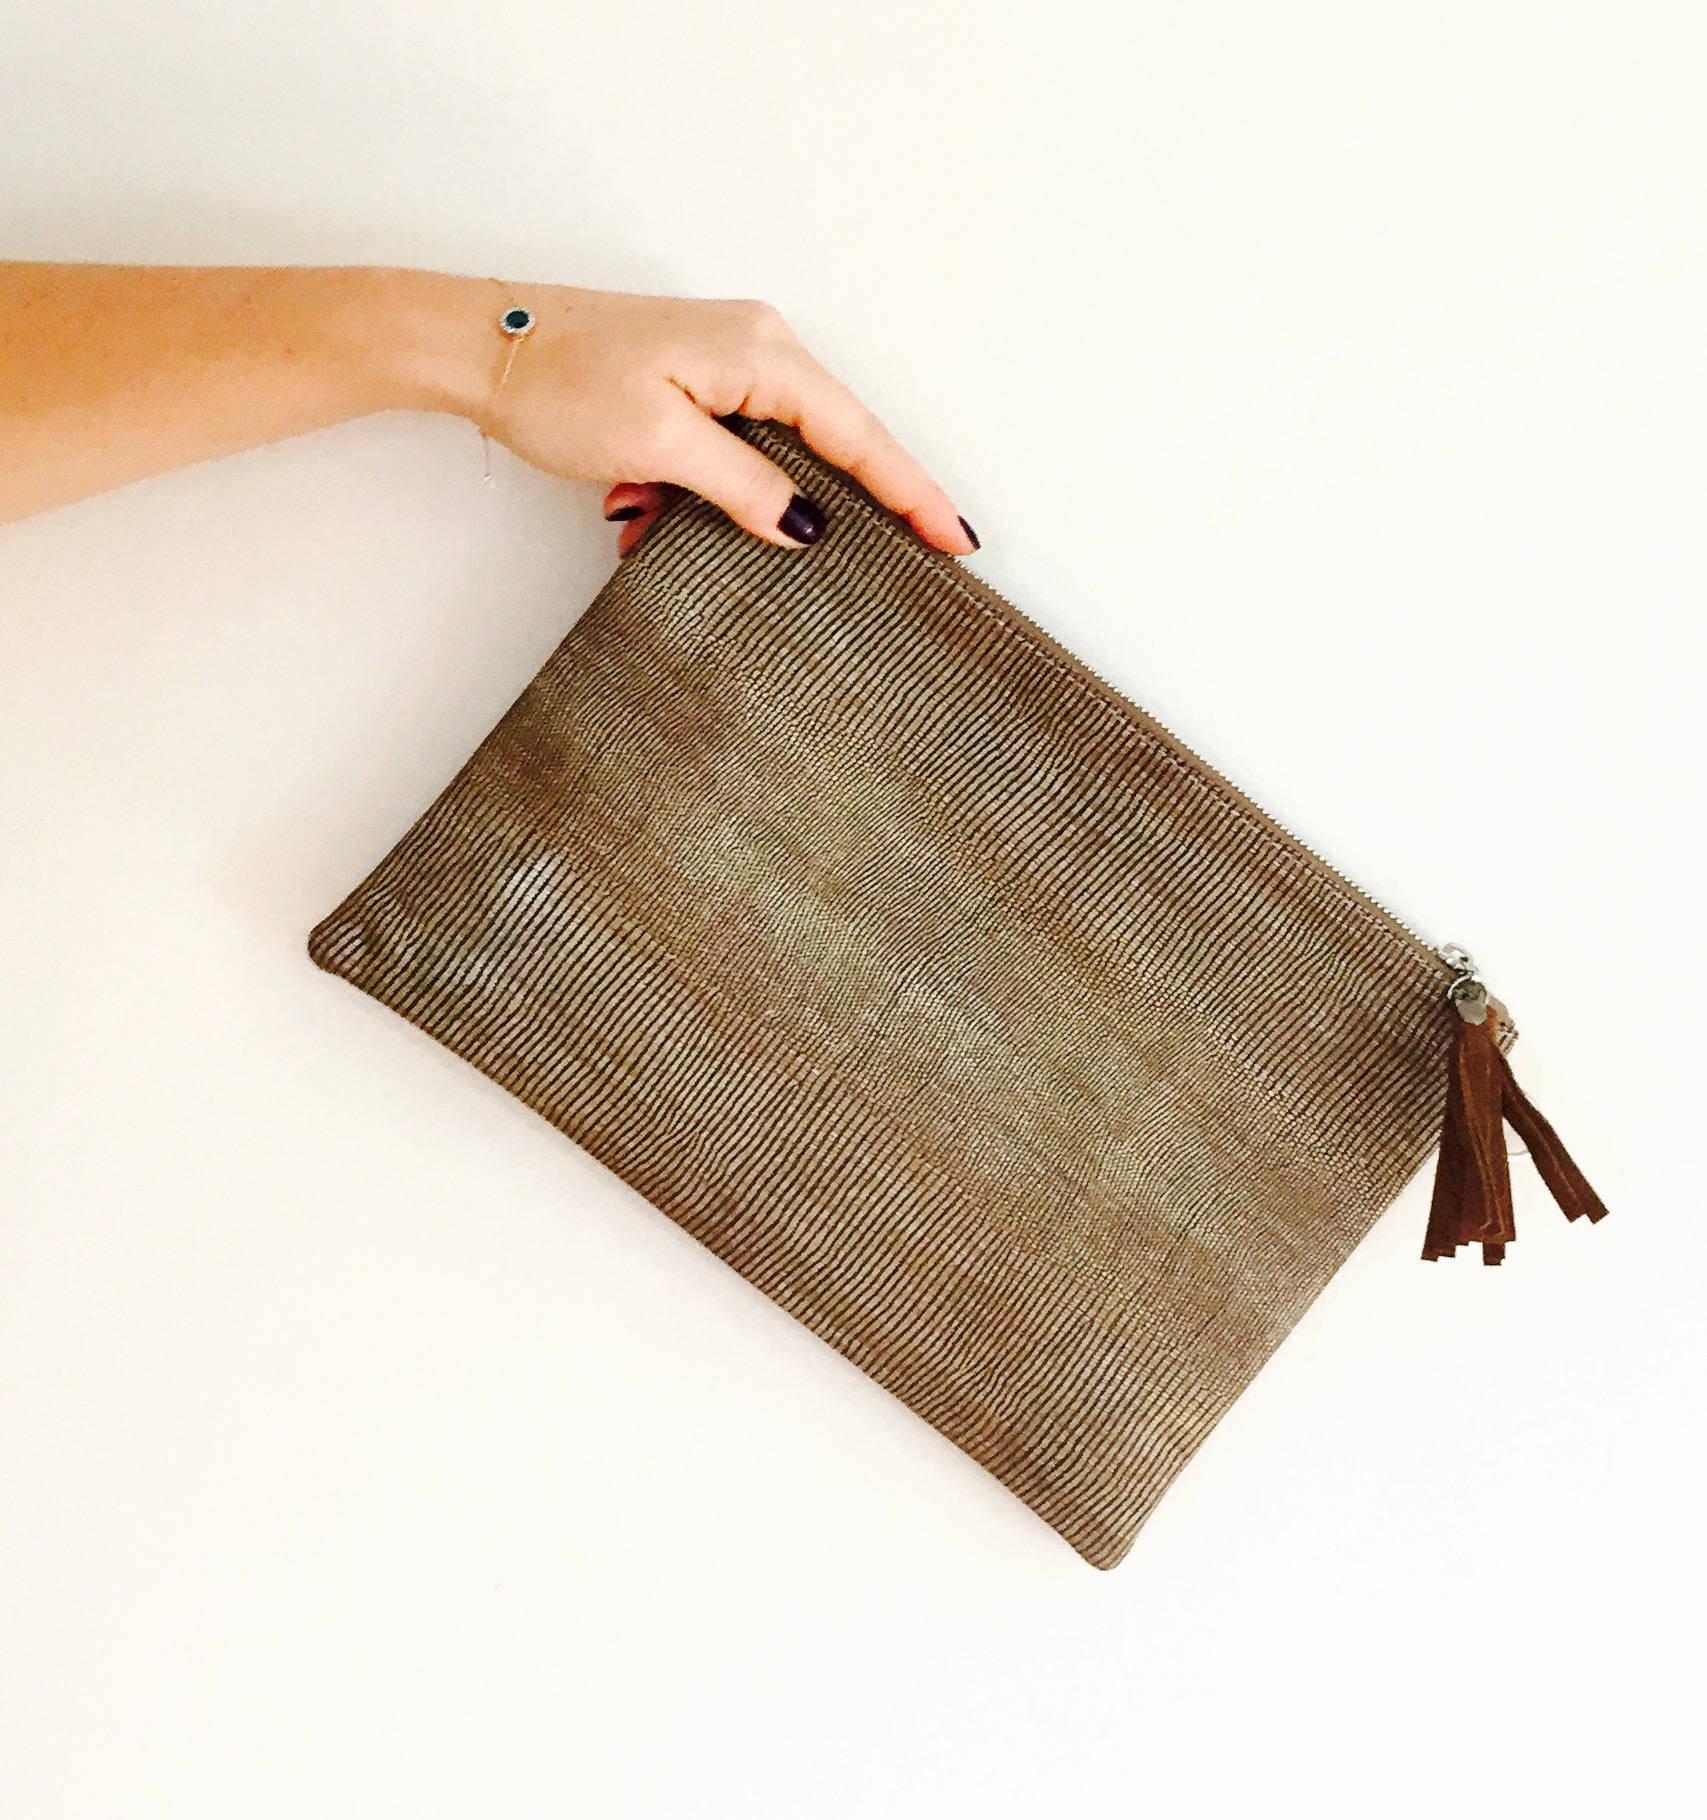 Sac Pochette cuir et en soie marron camel bohème ethnique cuir soie marron : idée cadeau